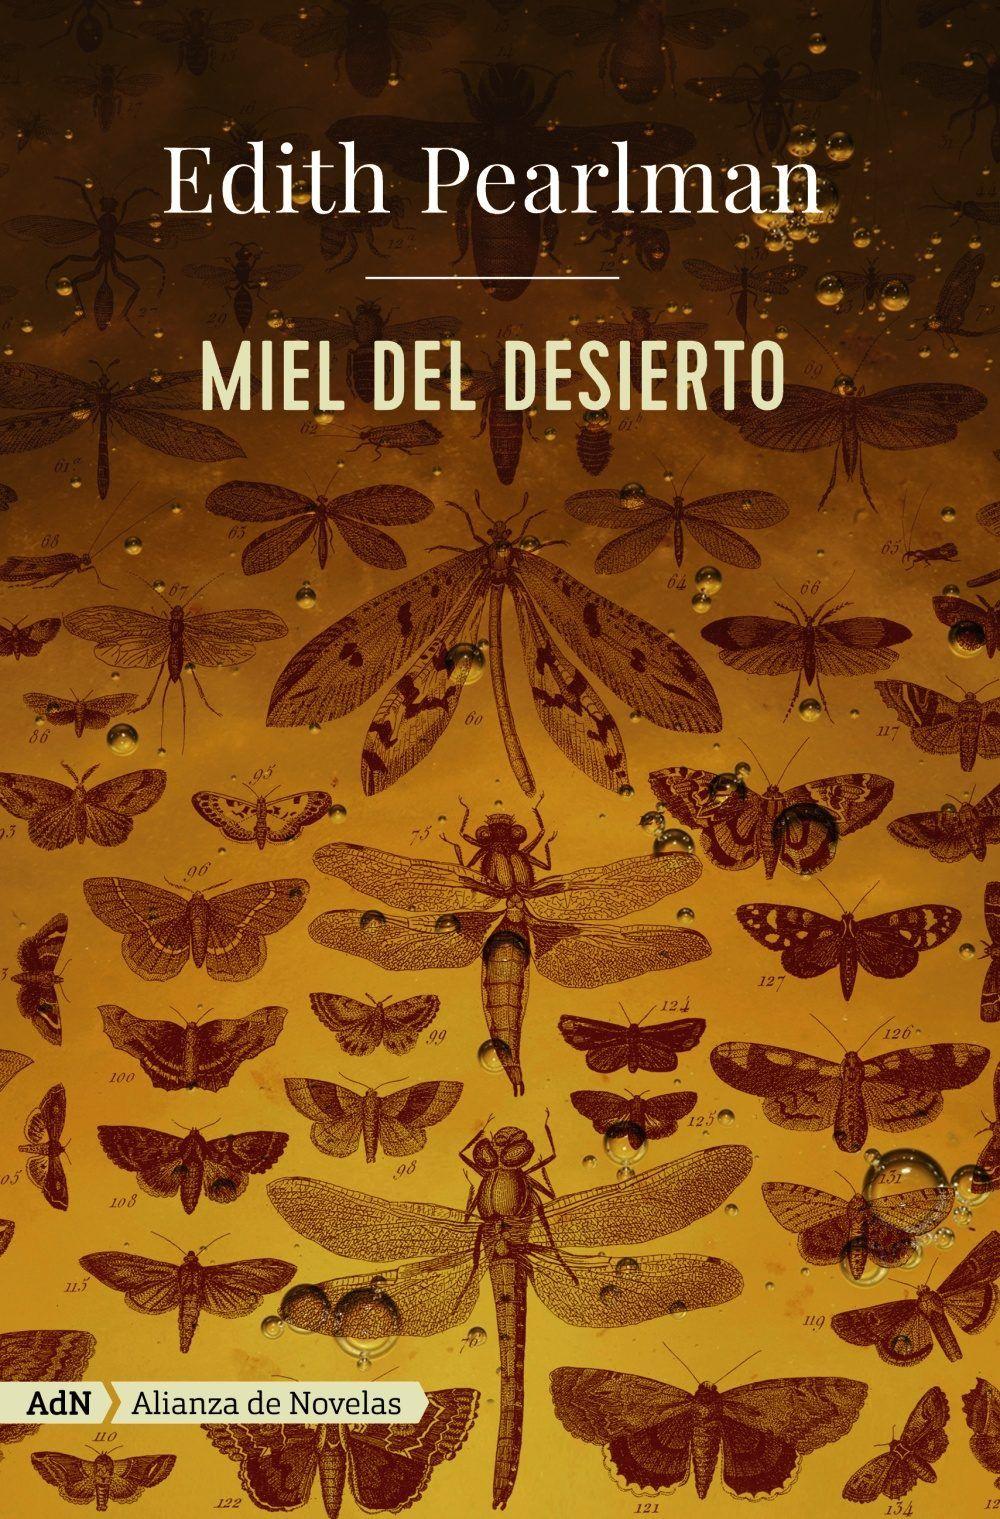 Miel del desierto edith pearlman literatura pinterest el libros fandeluxe Image collections